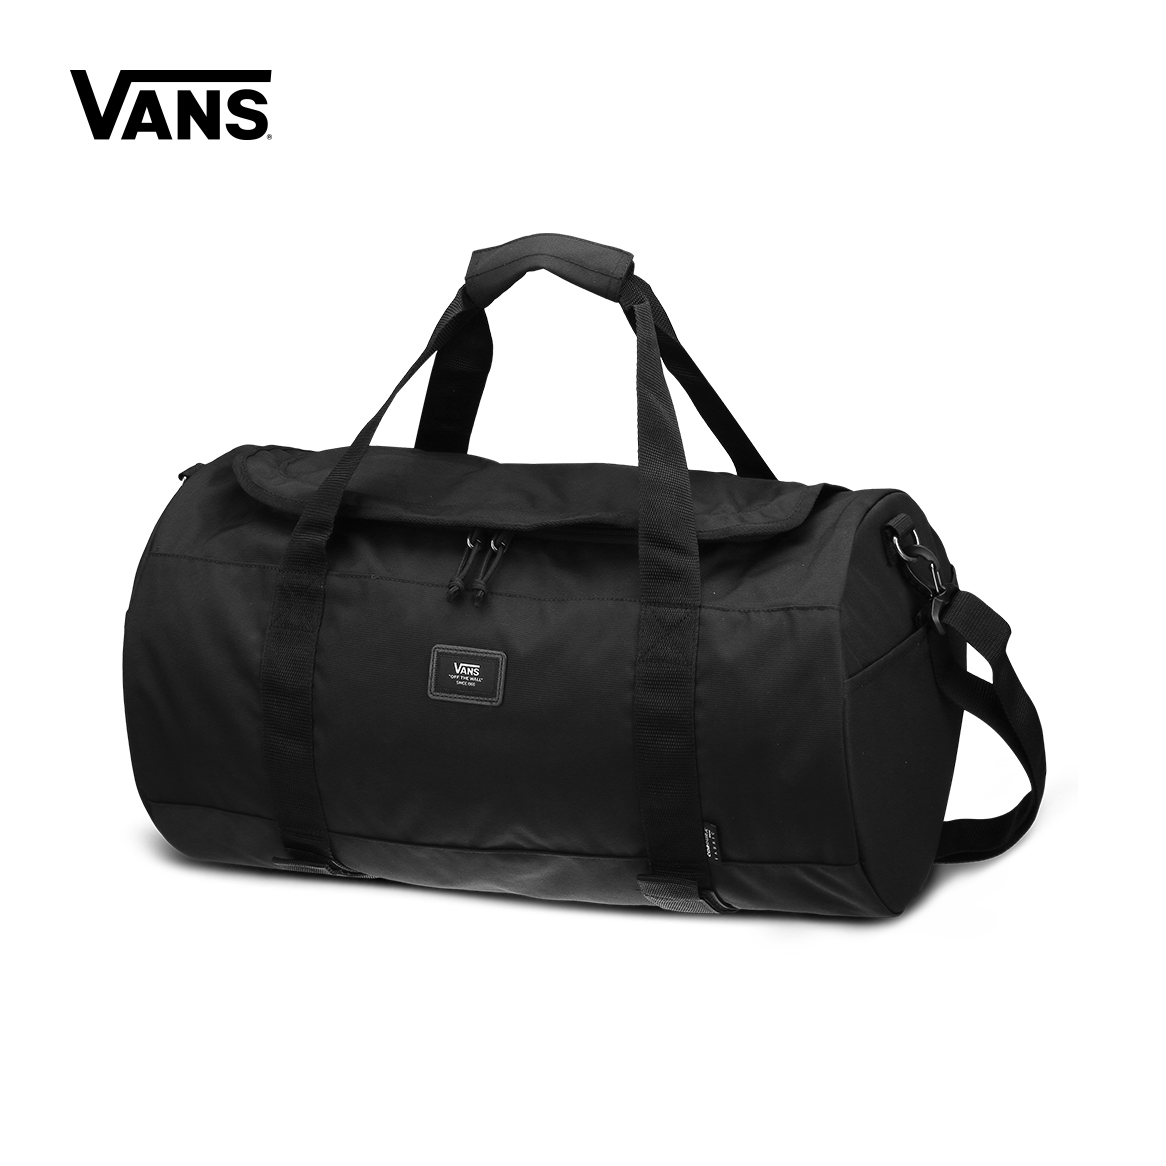 Vans/ модель адамс цвет / нейтральный модель рюкзак |VN0A36OOBLK